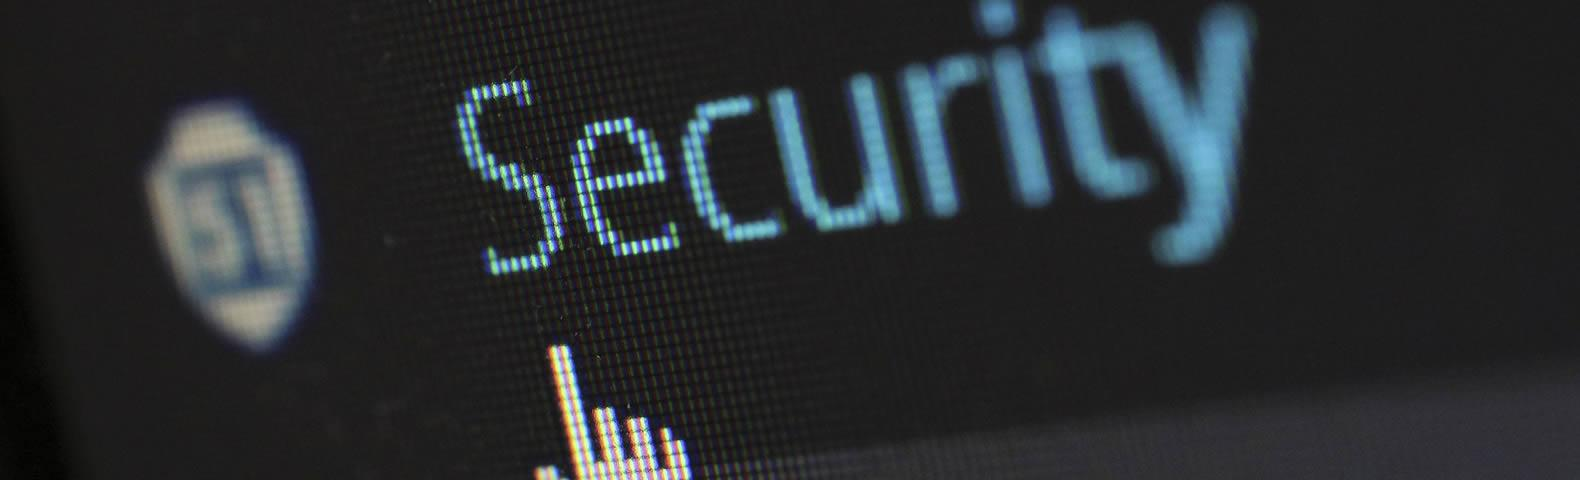 Schwere Sicherheitslücke bei den Shopsystemen xt:Commerce v3.x und modified eCommerce Shopsoftware